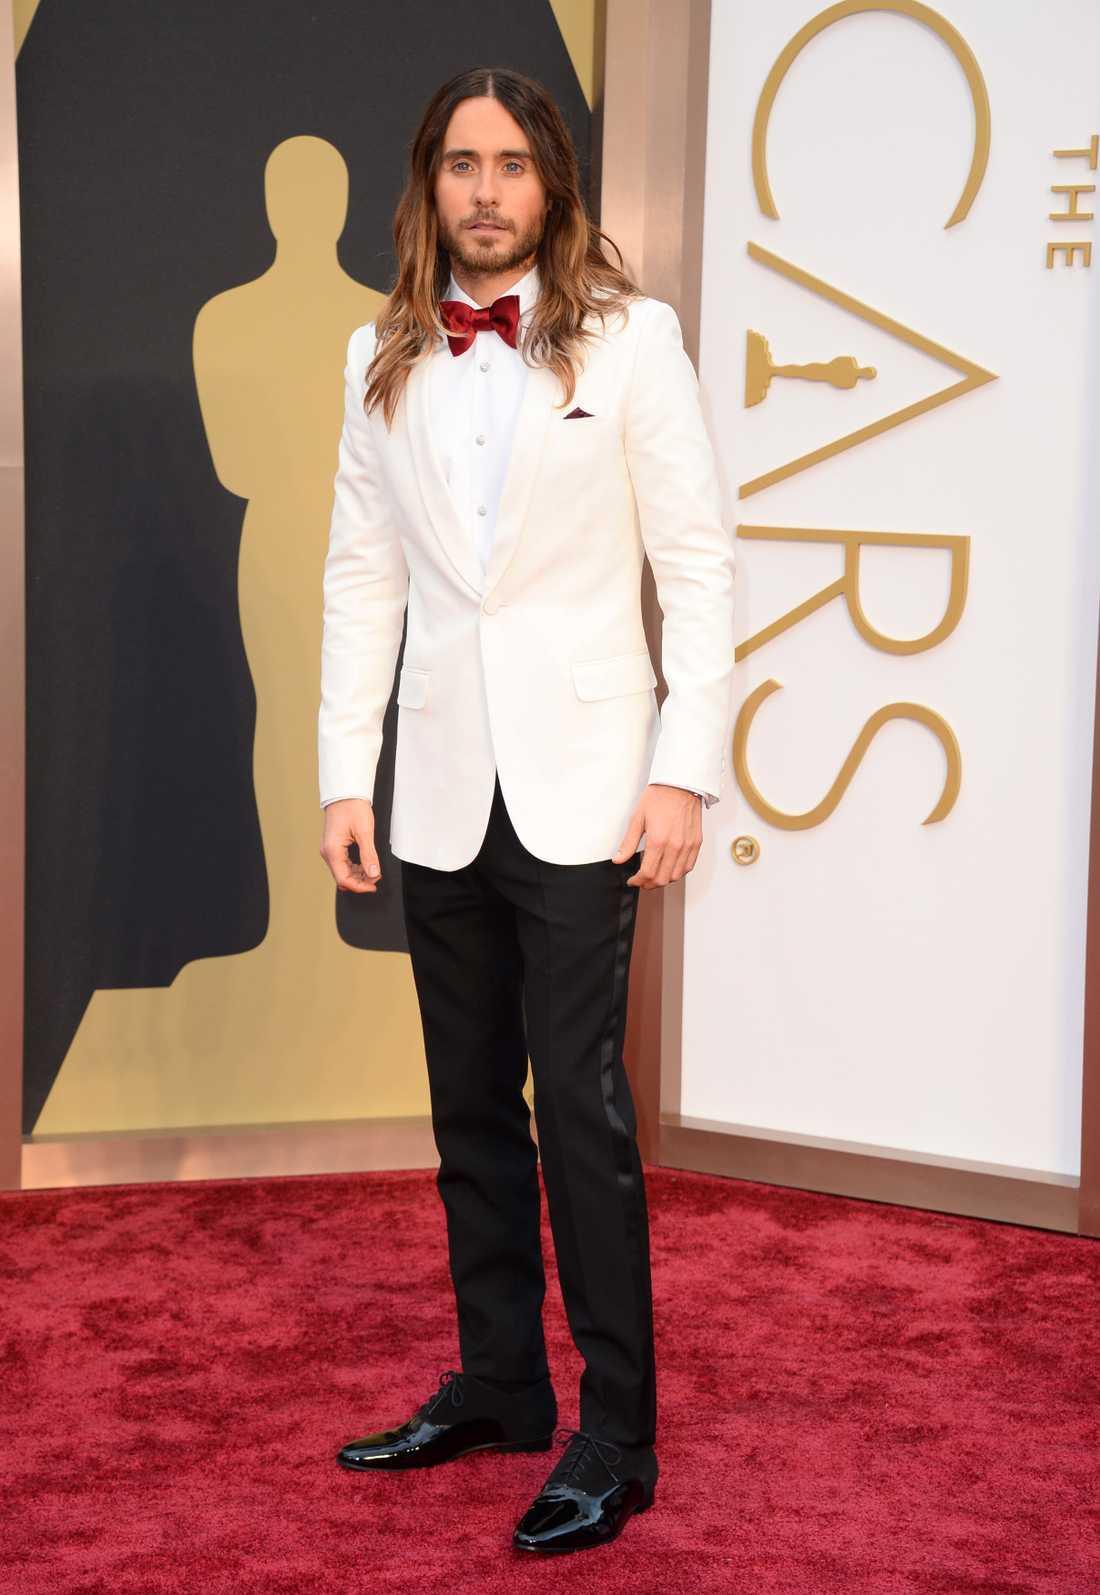 """++++ Jared Leto: """"Man kan lita på Jared Leto! En kille som aldrig skulle gå på röda mattan i något helkonventionellt. Han har ändå förmåga att sticka ut på ett elegant och klädsamt sätt i den här kreationen från Saint Laurent!"""""""